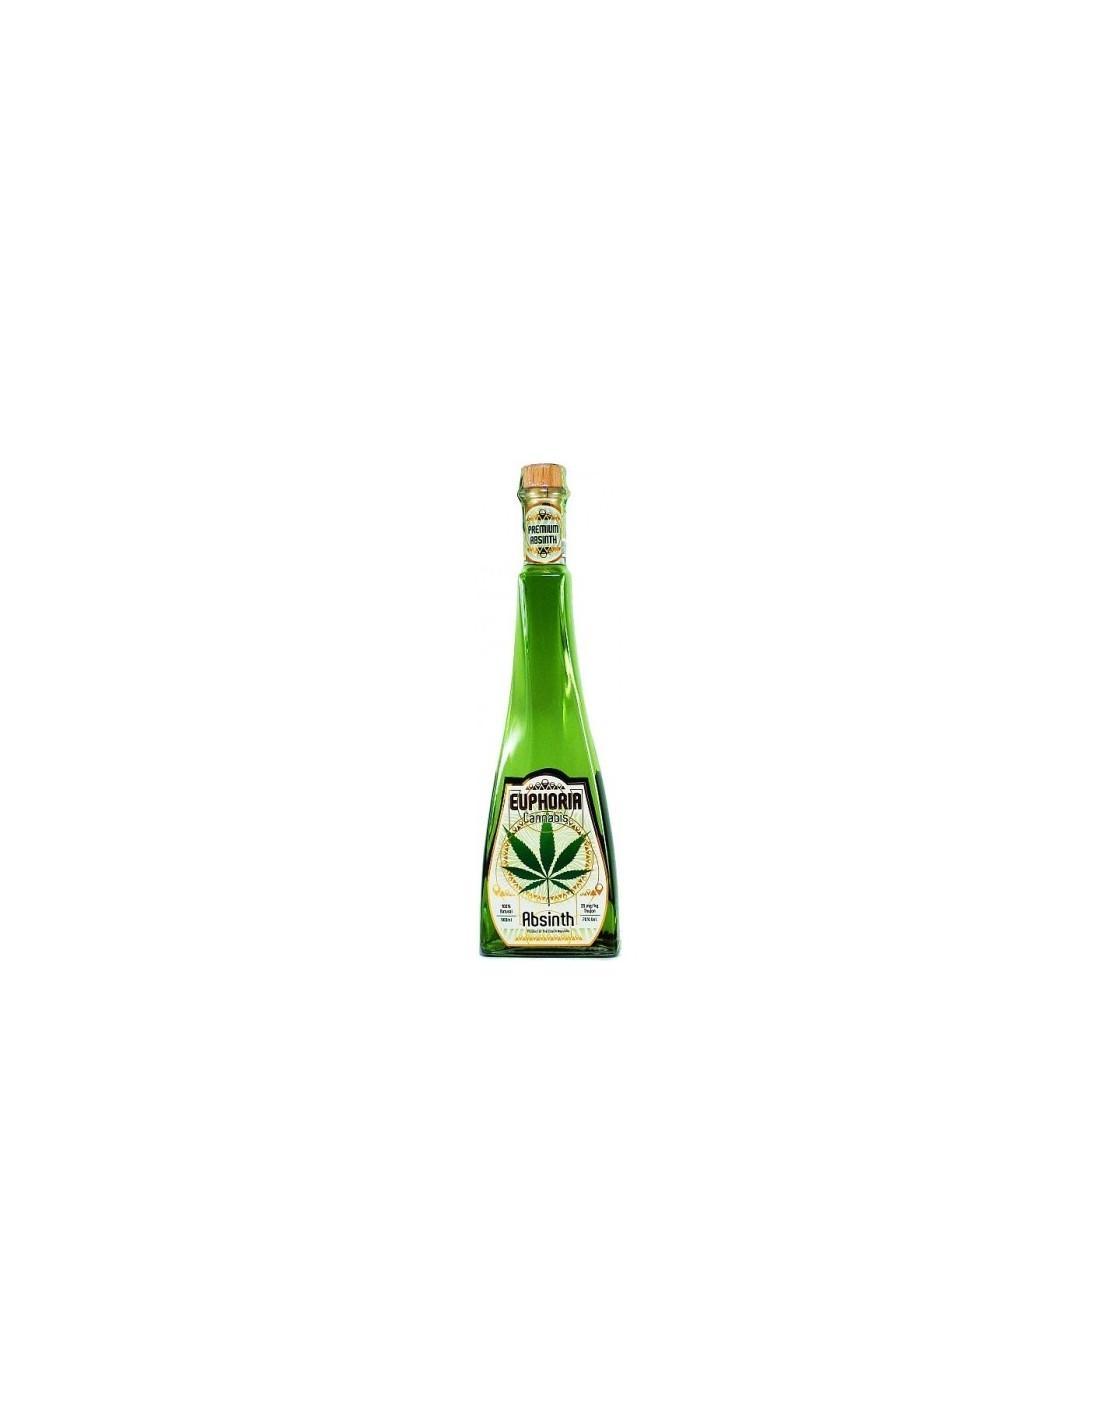 Absint Euphoria Cannabis, 70% alc., 0.7L, Cehia